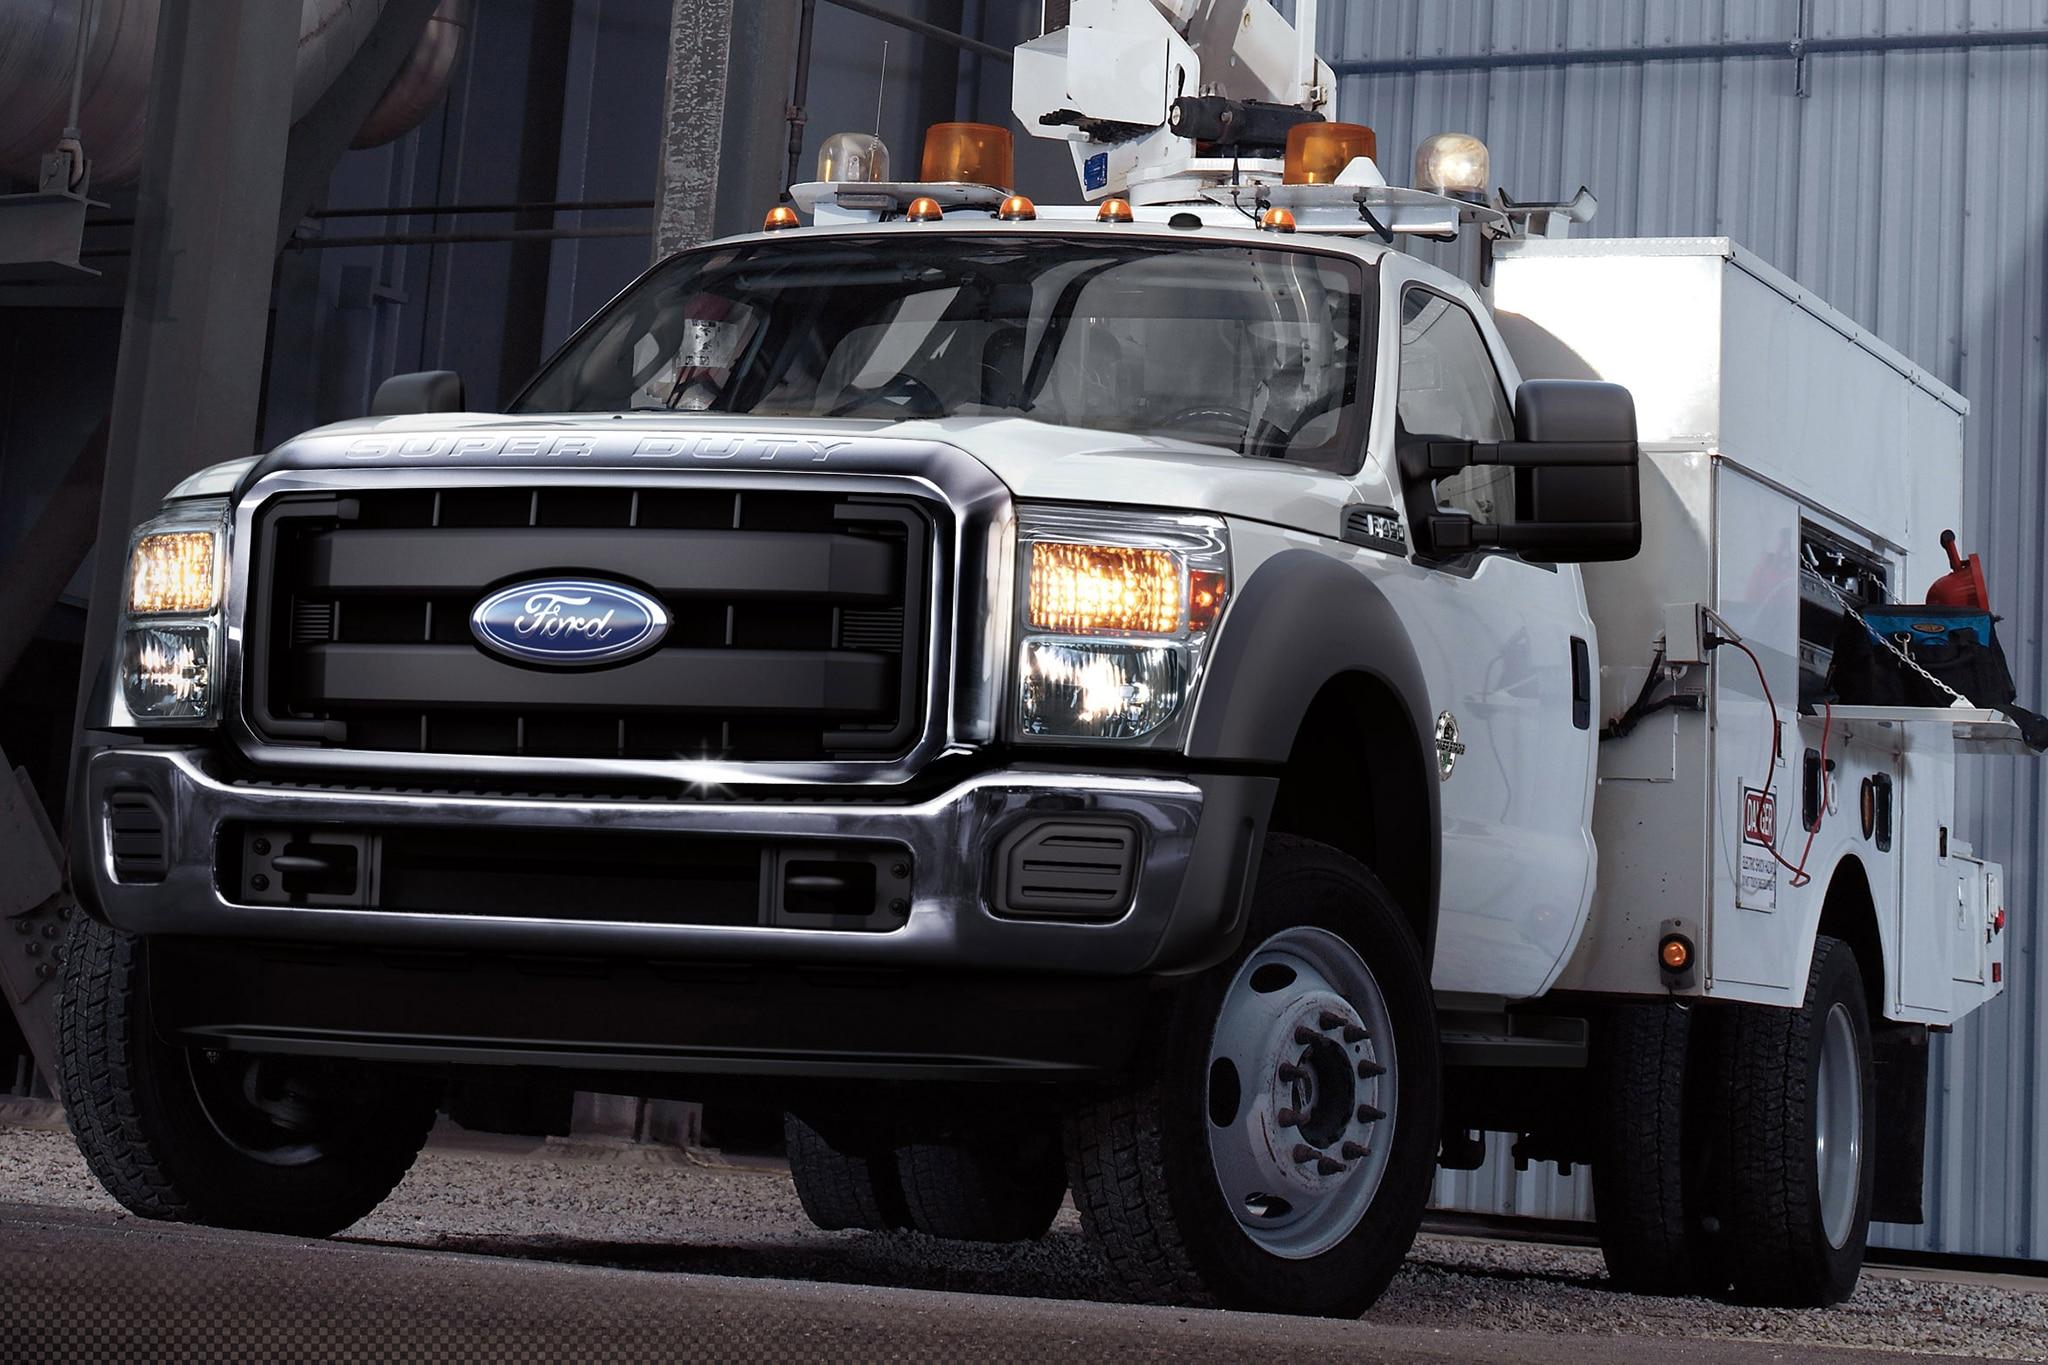 2008 ford f 450 super duty hauling test. Black Bedroom Furniture Sets. Home Design Ideas